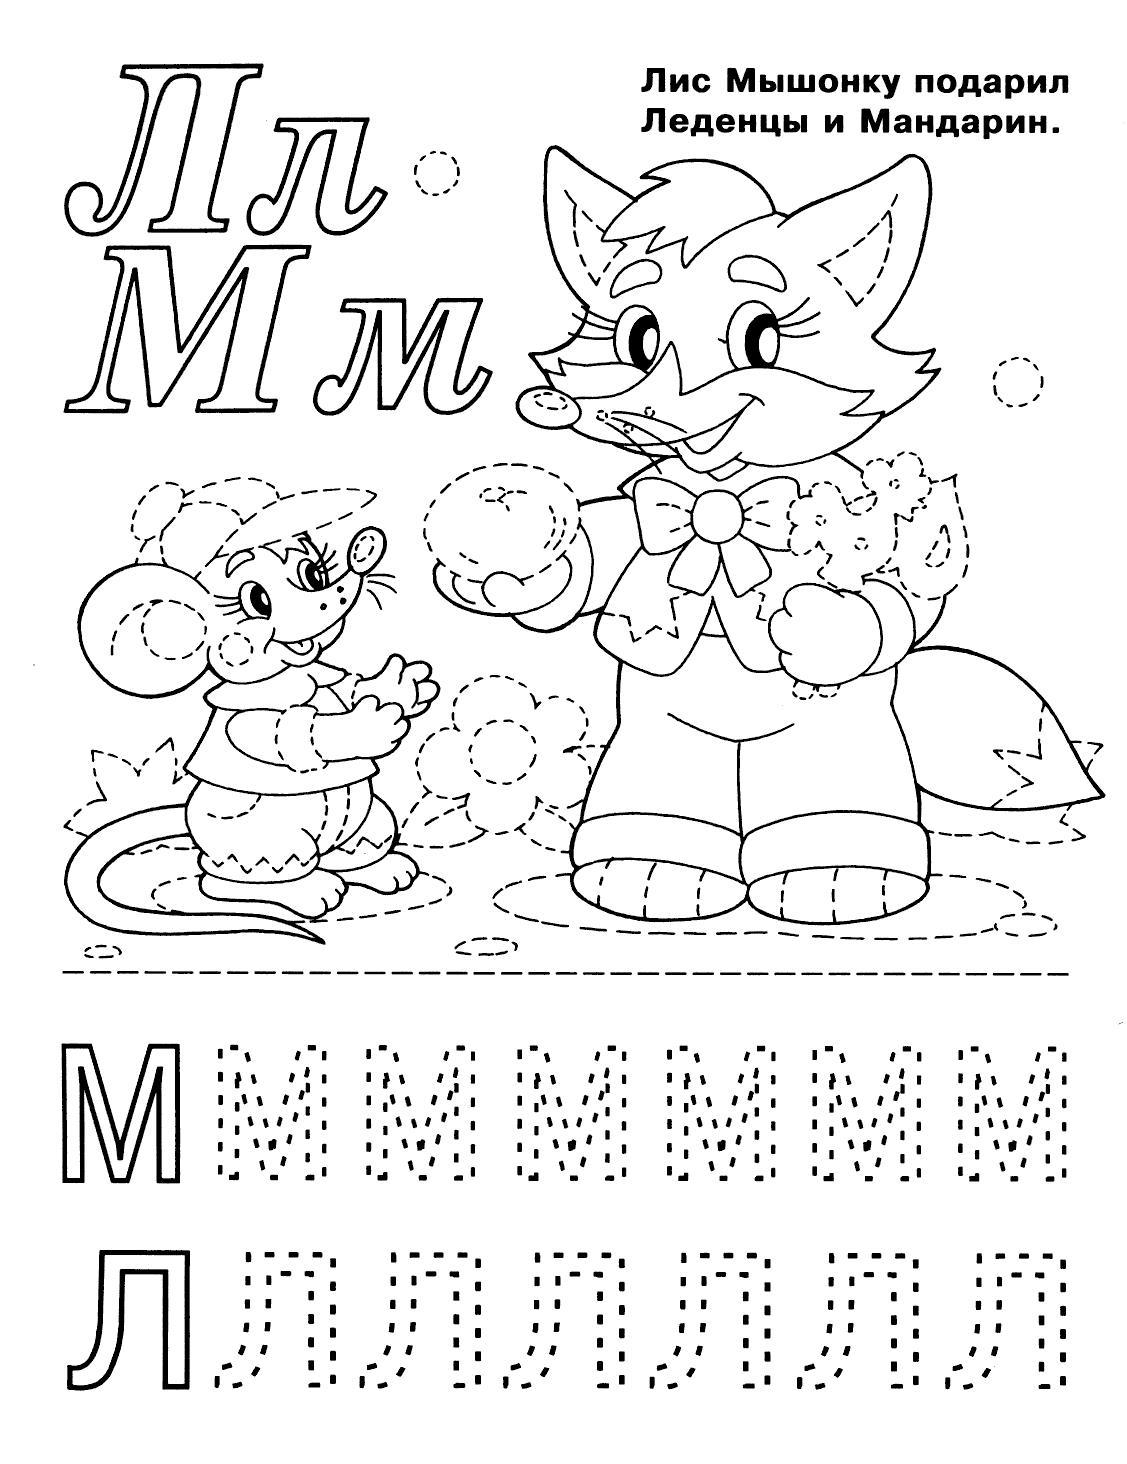 Раскраски алфавит, буквы л и м, лис и мышонок